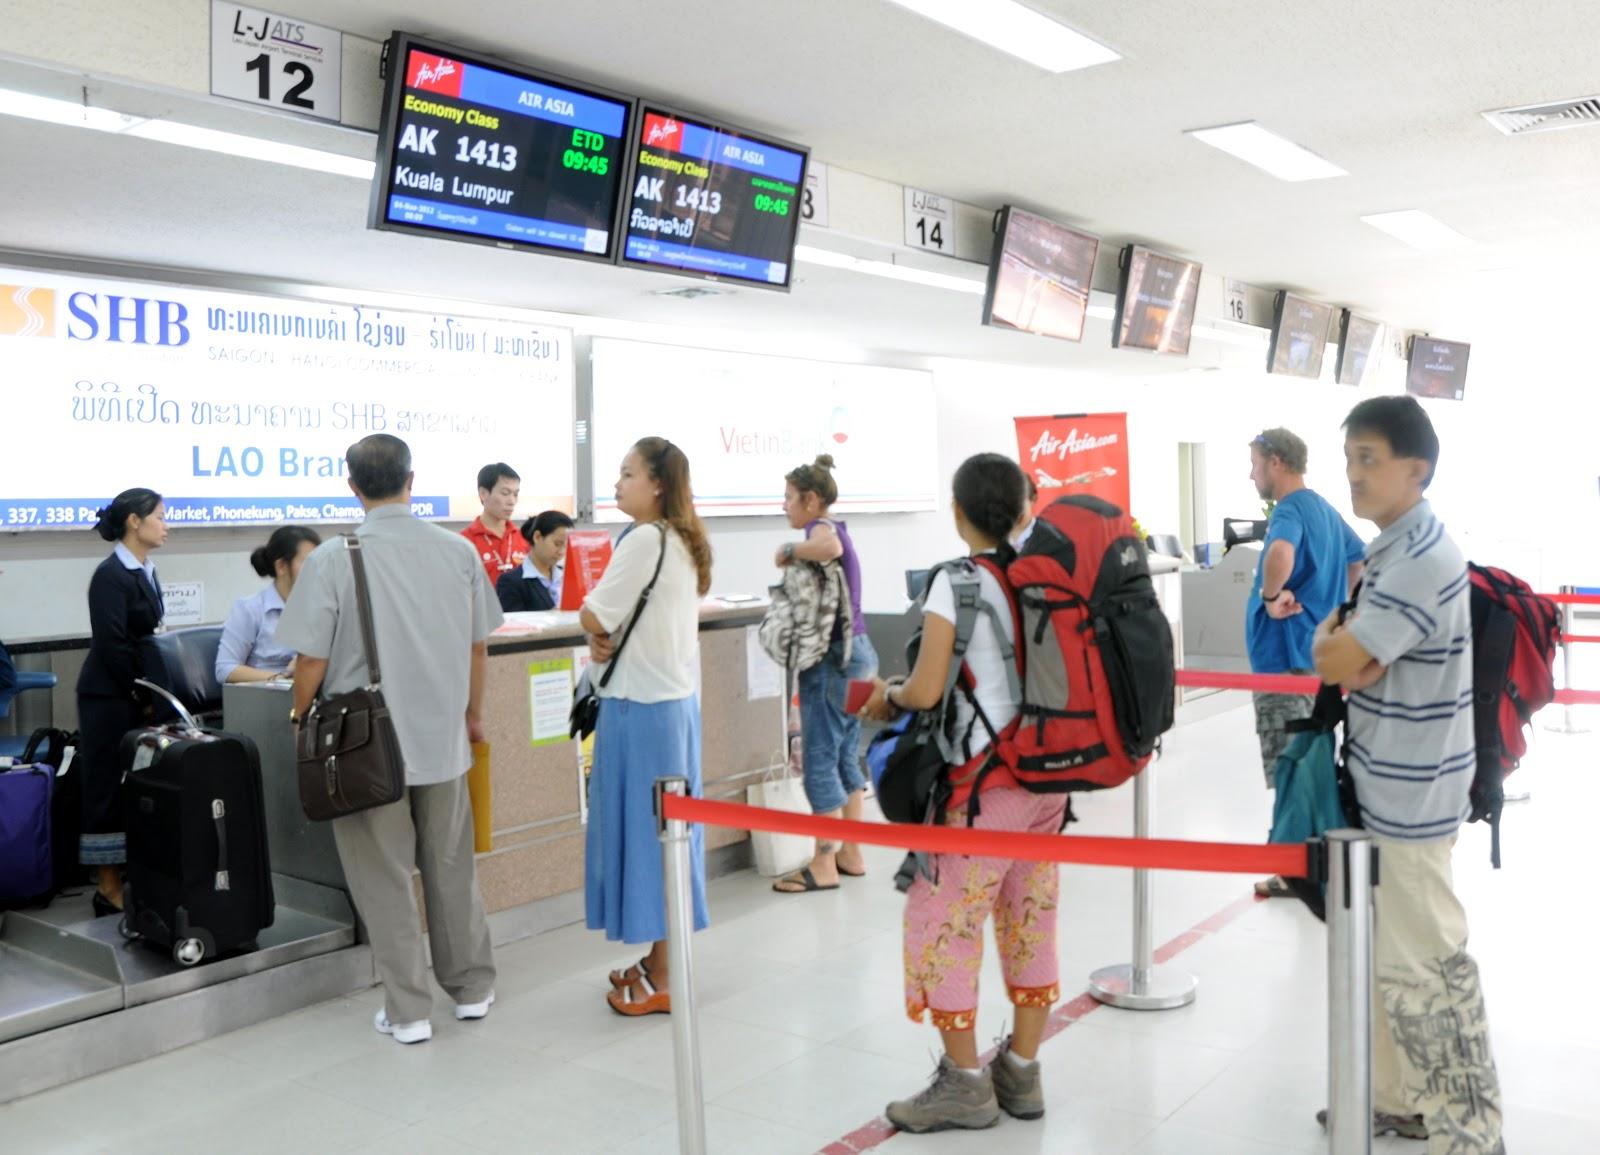 On My Way Vientiane Laos 3 4 Nov 2012